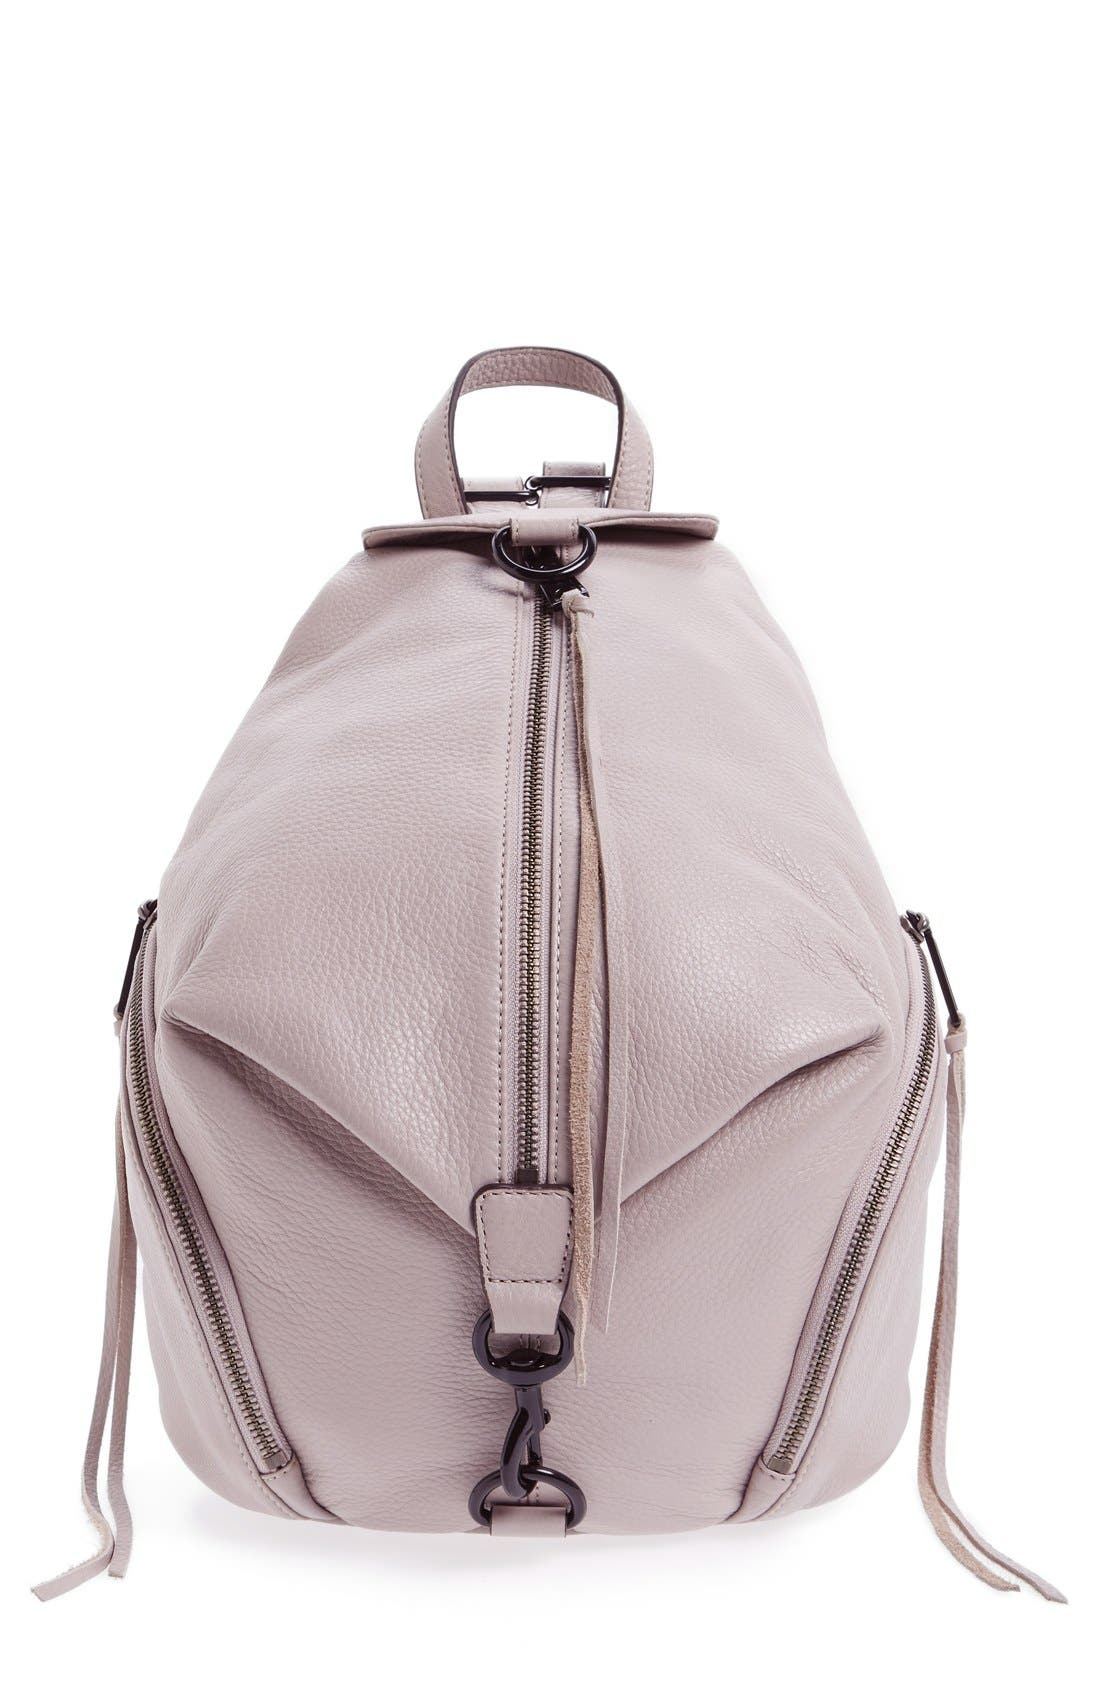 Main Image - Rebecca Minkoff 'Julian' Leather Backpack